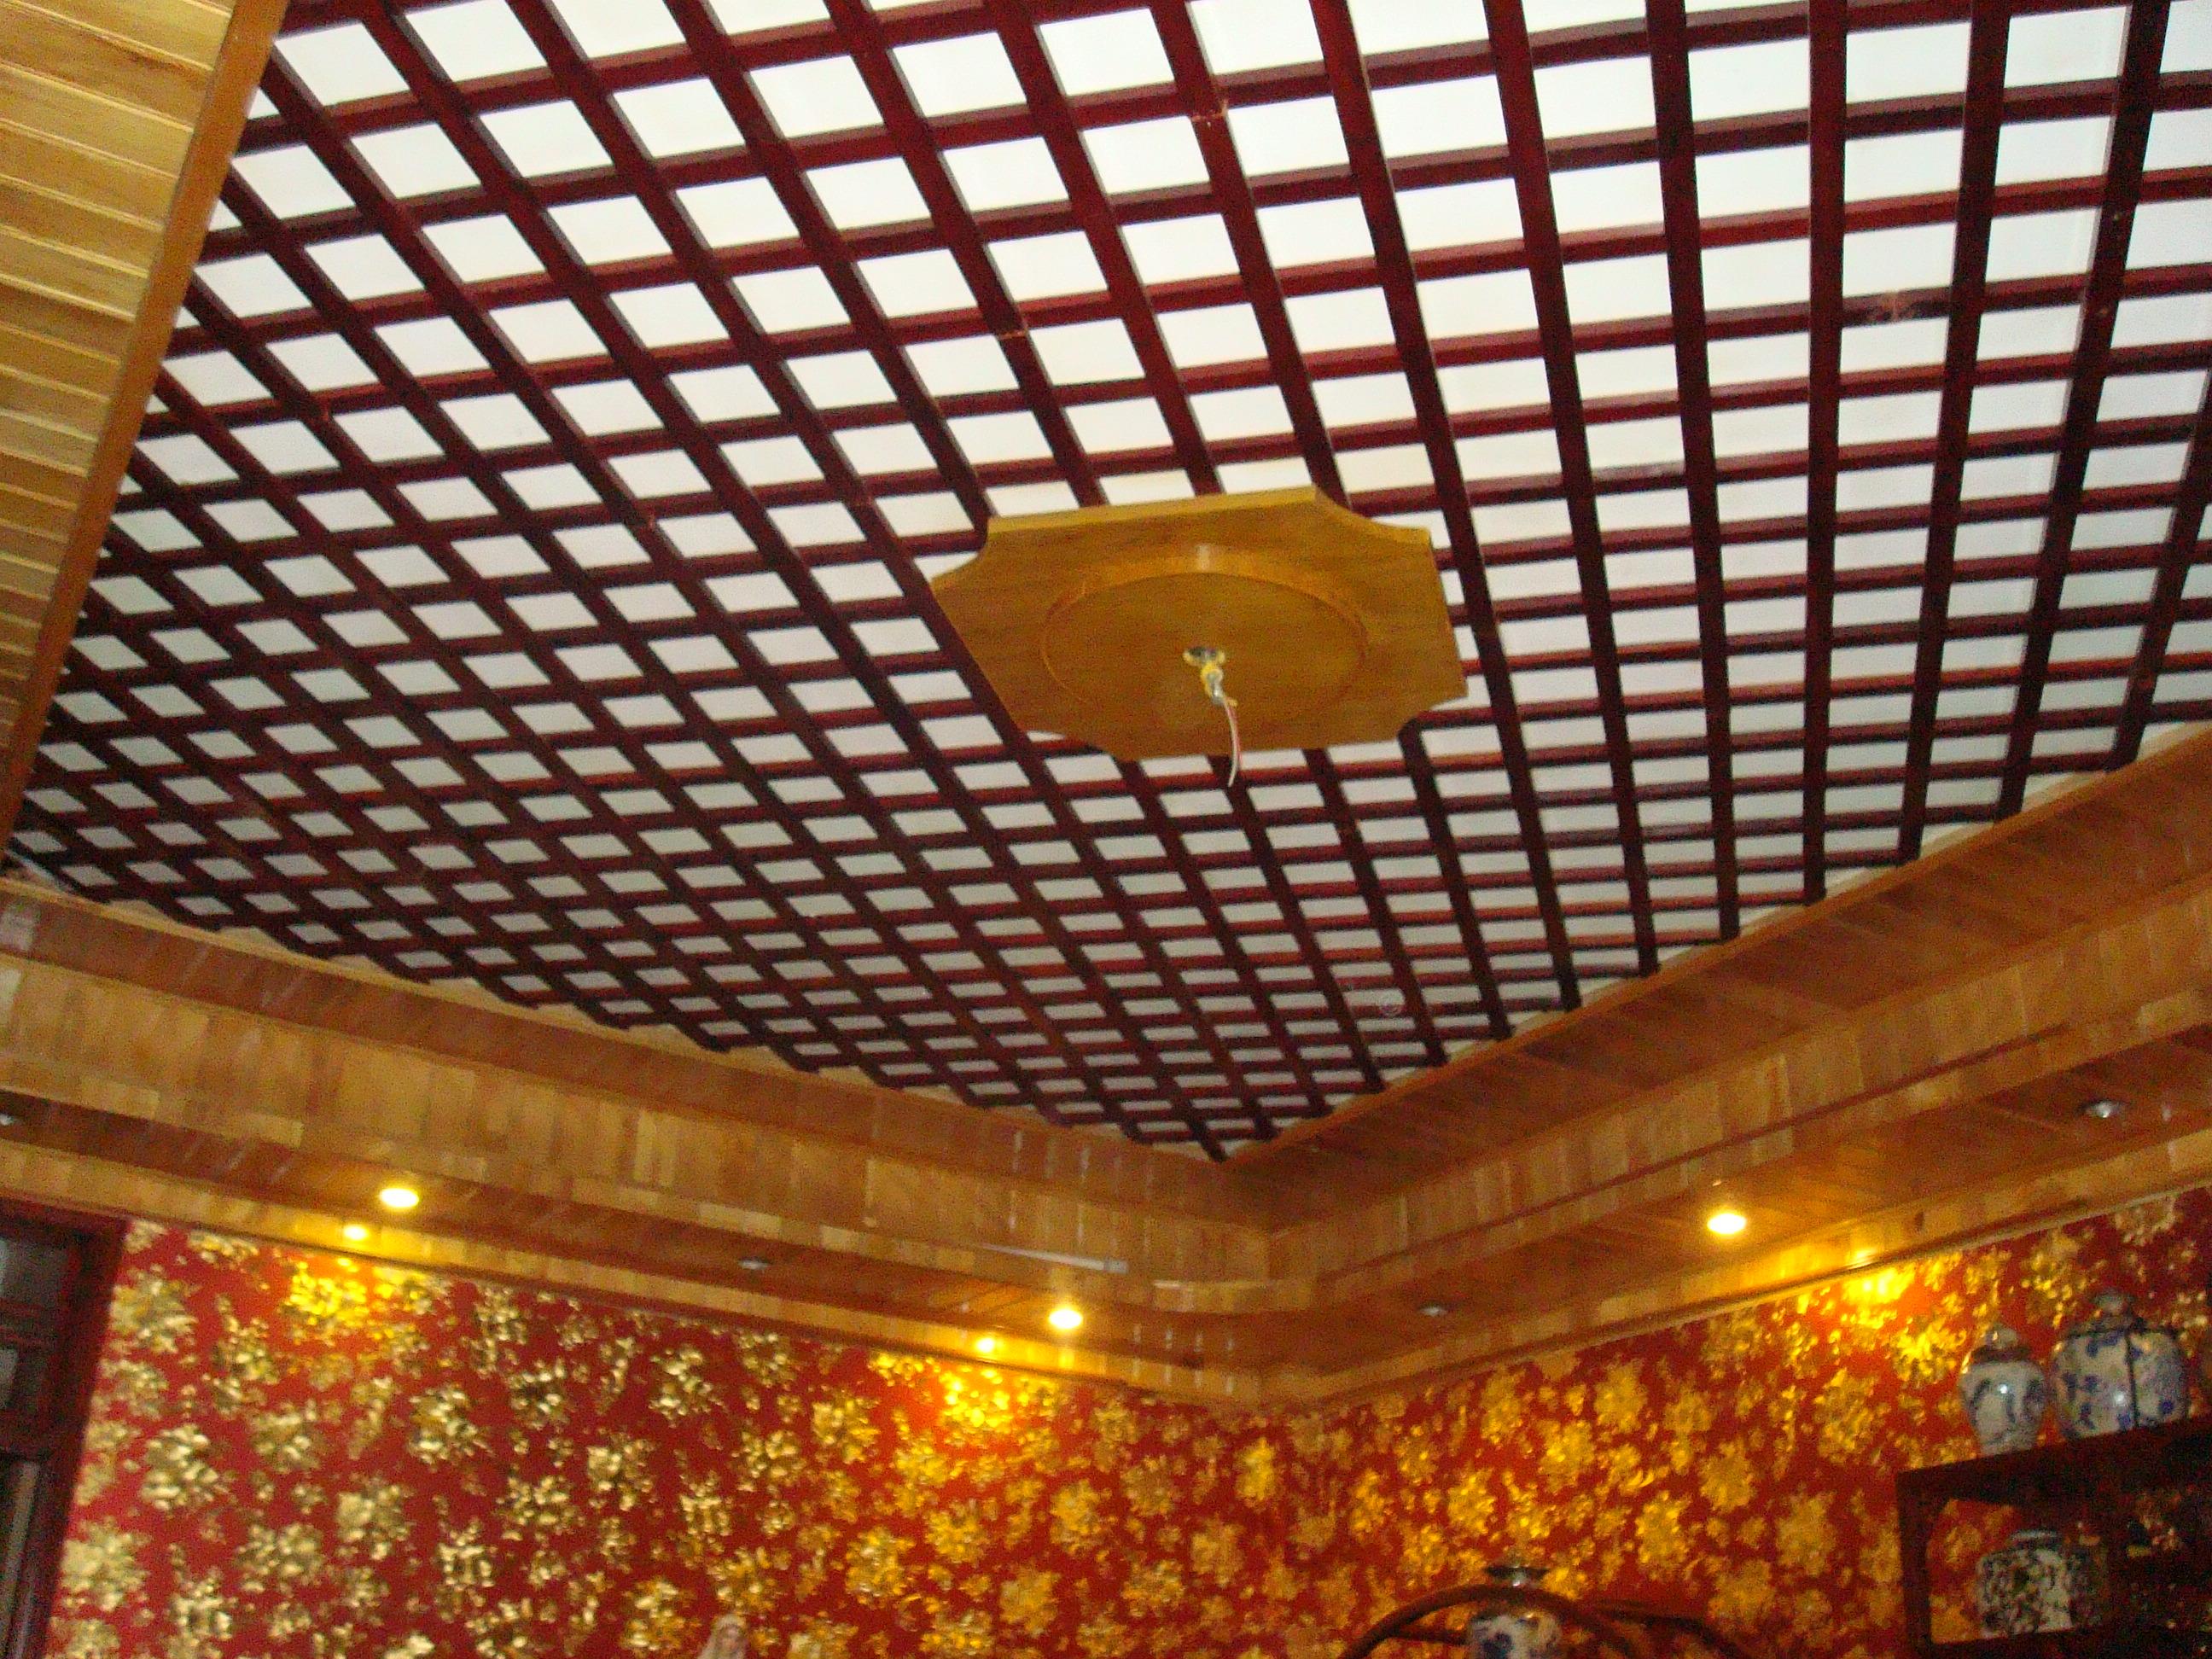 Trần gỗ Quang Phú chuyên cung cấp dịch vụ mua trần gỗ đỏ chất lượng cao